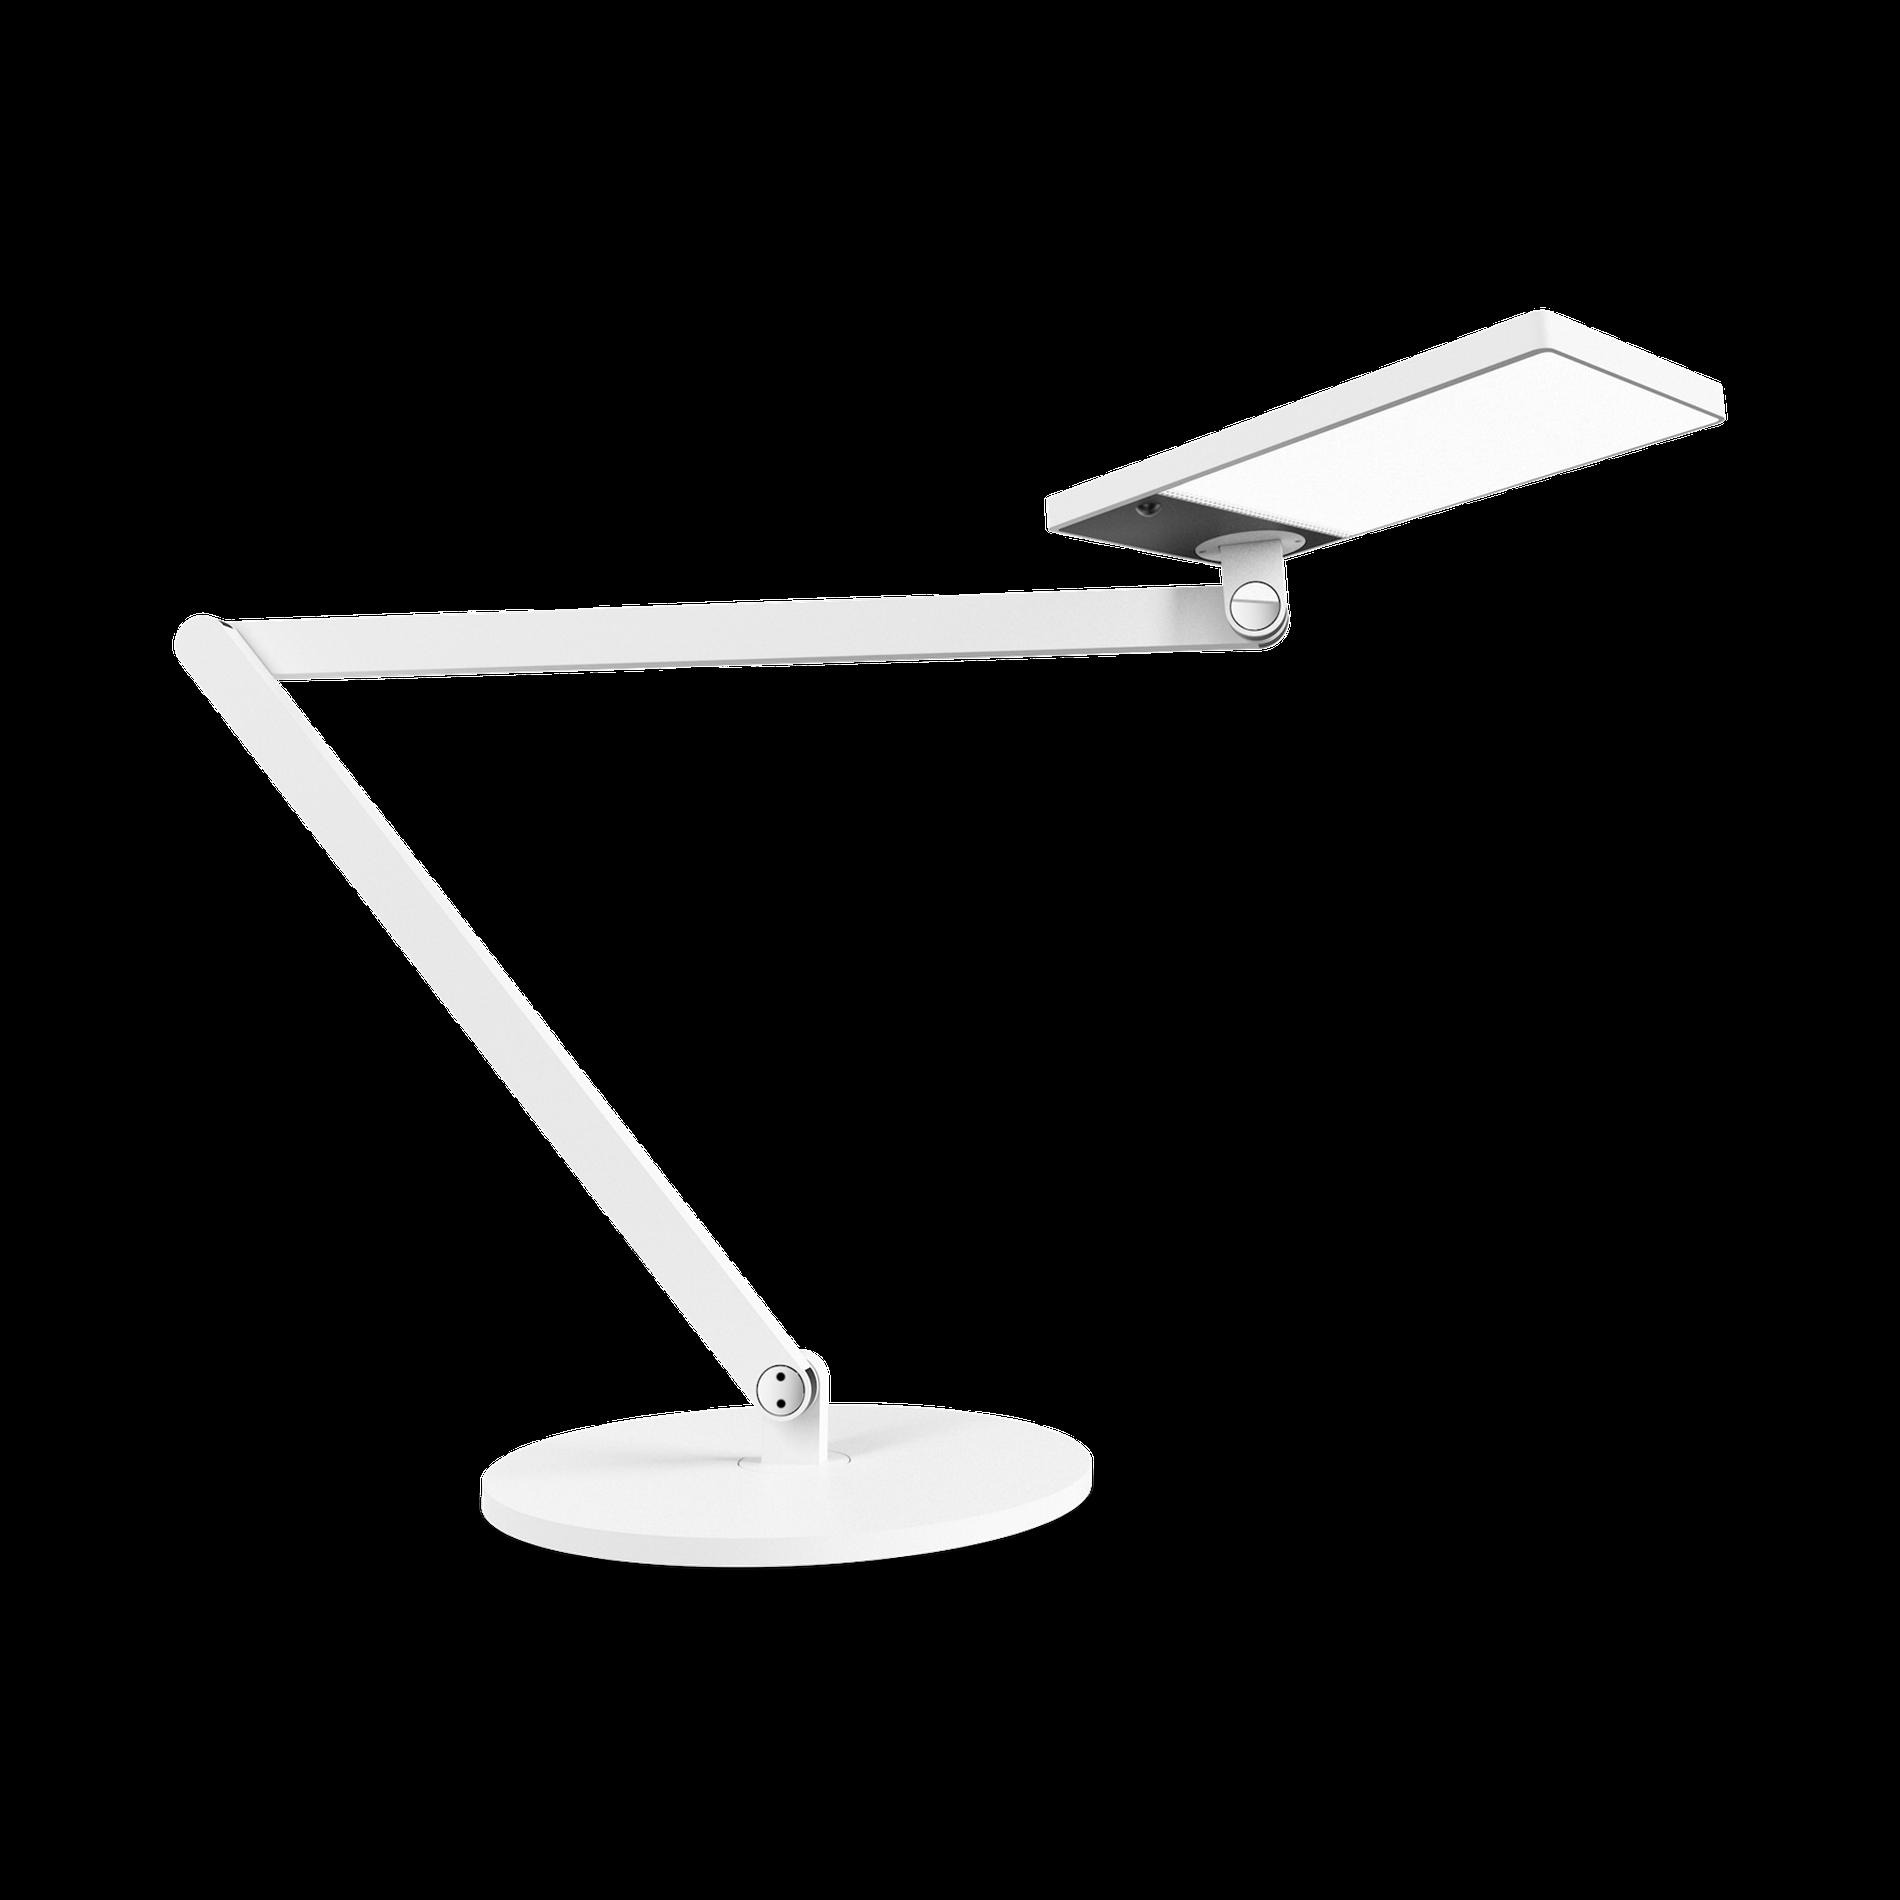 Task Table LED 11W 1030lm 3000K touch DIM lüliti ja liikumis sensoriga; USB pesa; alumiinium, valge